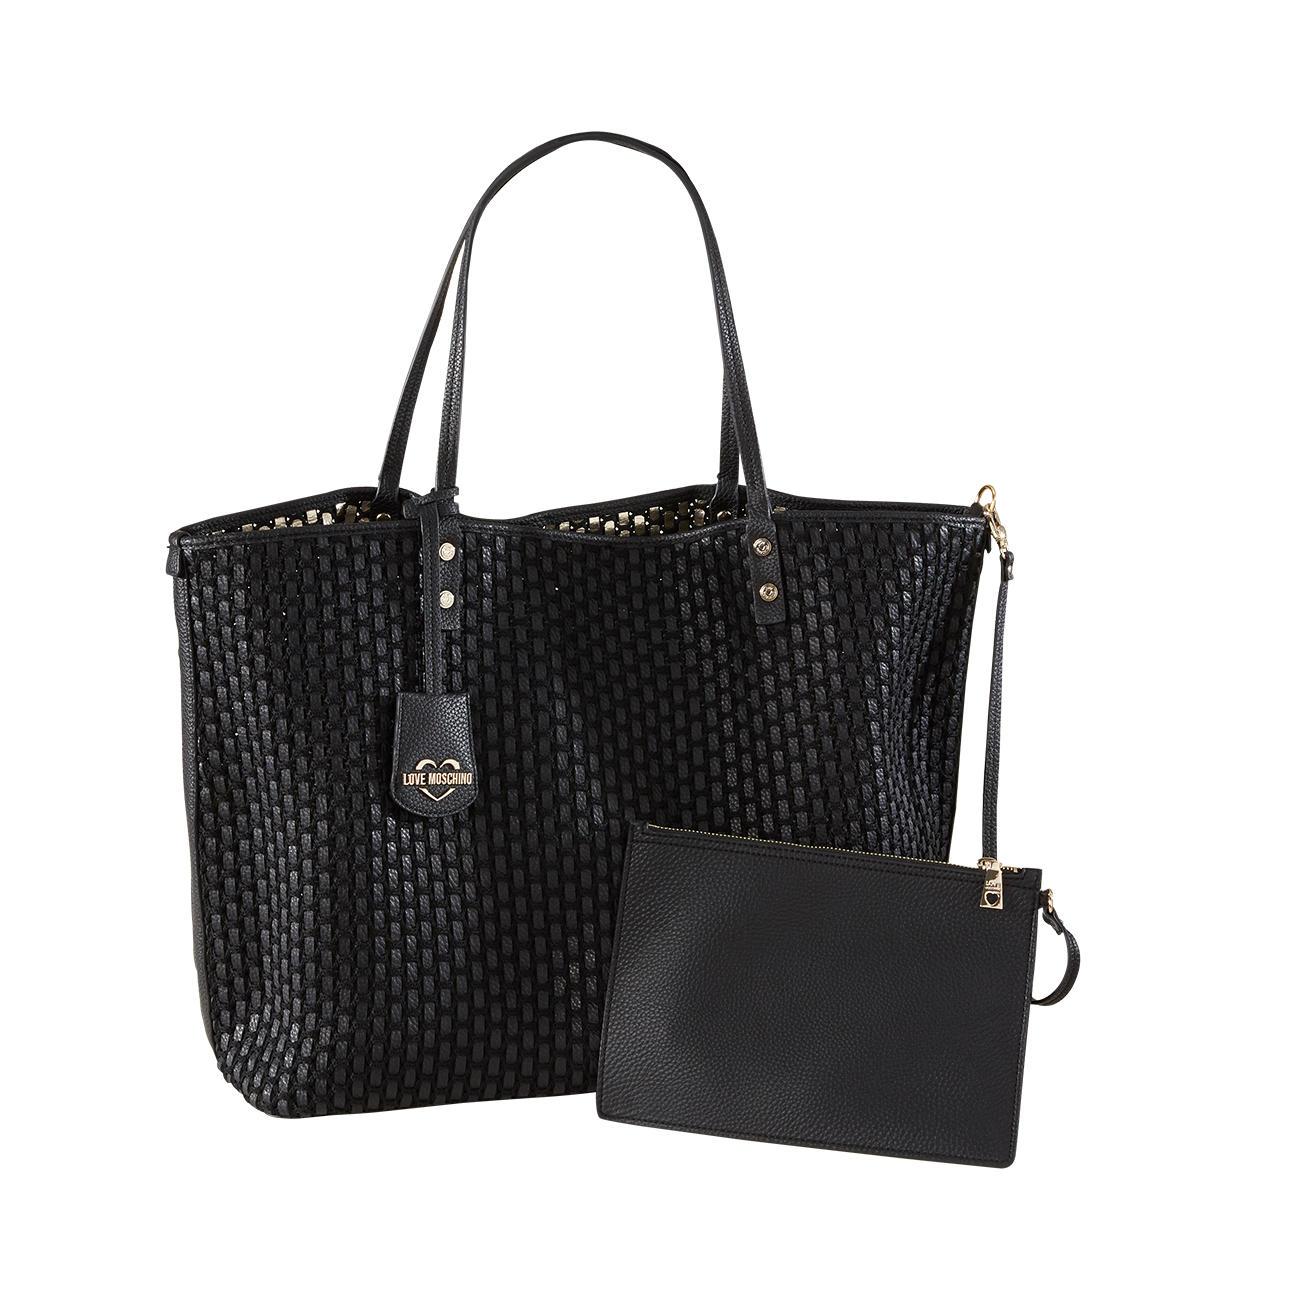 d990988232268 1 Tasche – 4 Looks – und für eine Designer-Tasche ein sehr vernünftiger  Preis